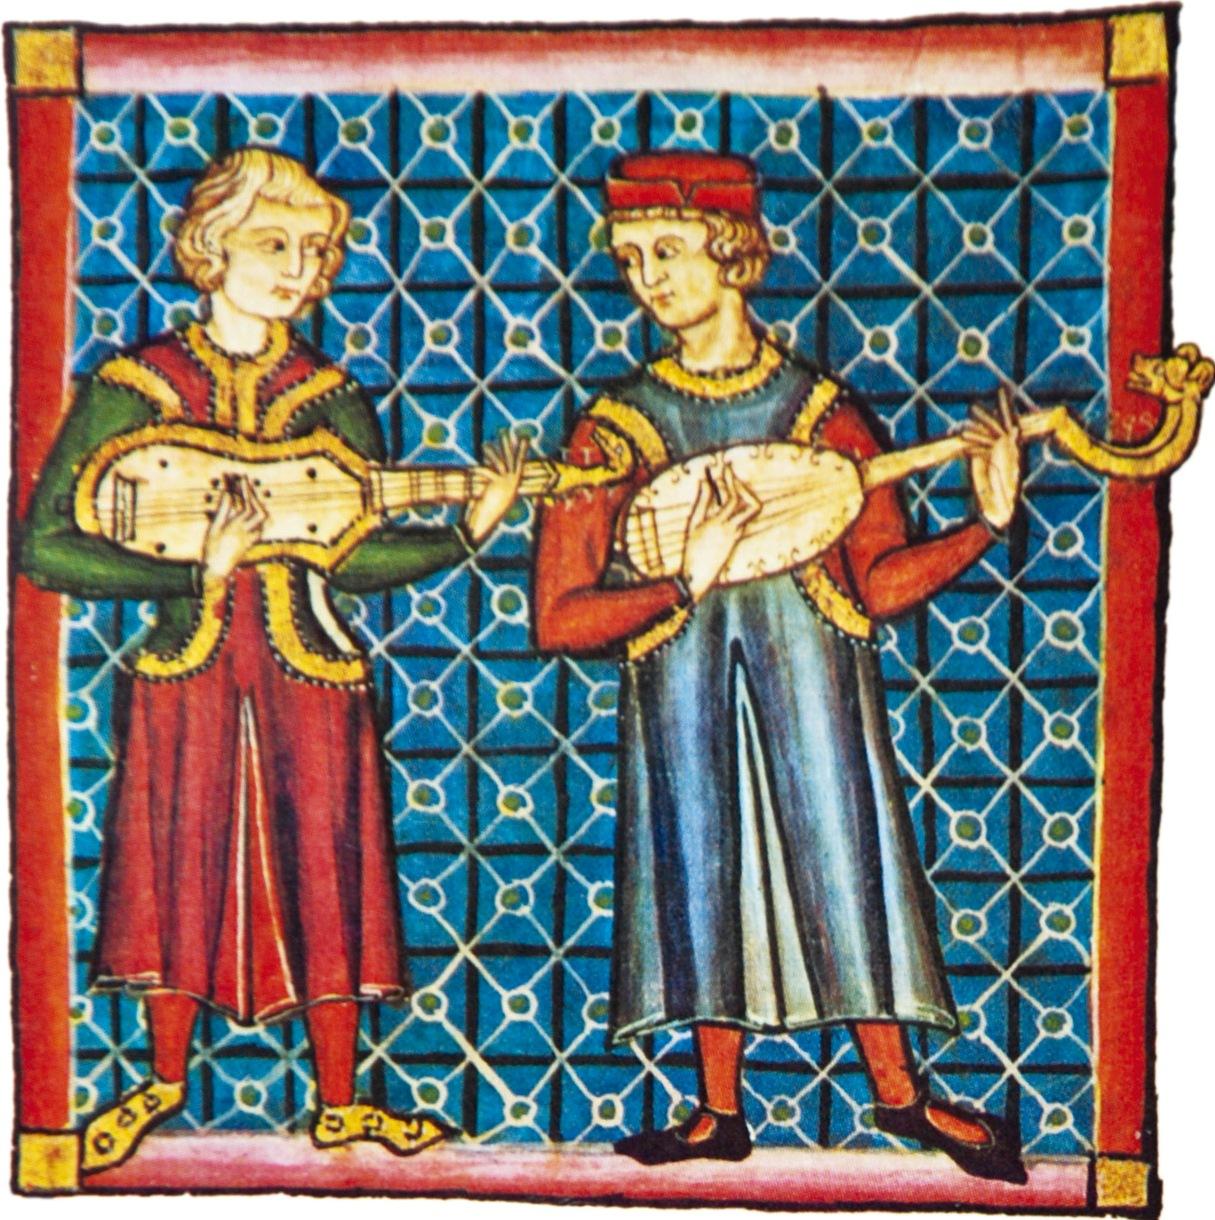 Guitarra latina e guitarra mourisca  na miniatura da cantiga 150 das Cantigas  de Santa María (códice j.b.2, século XIII).